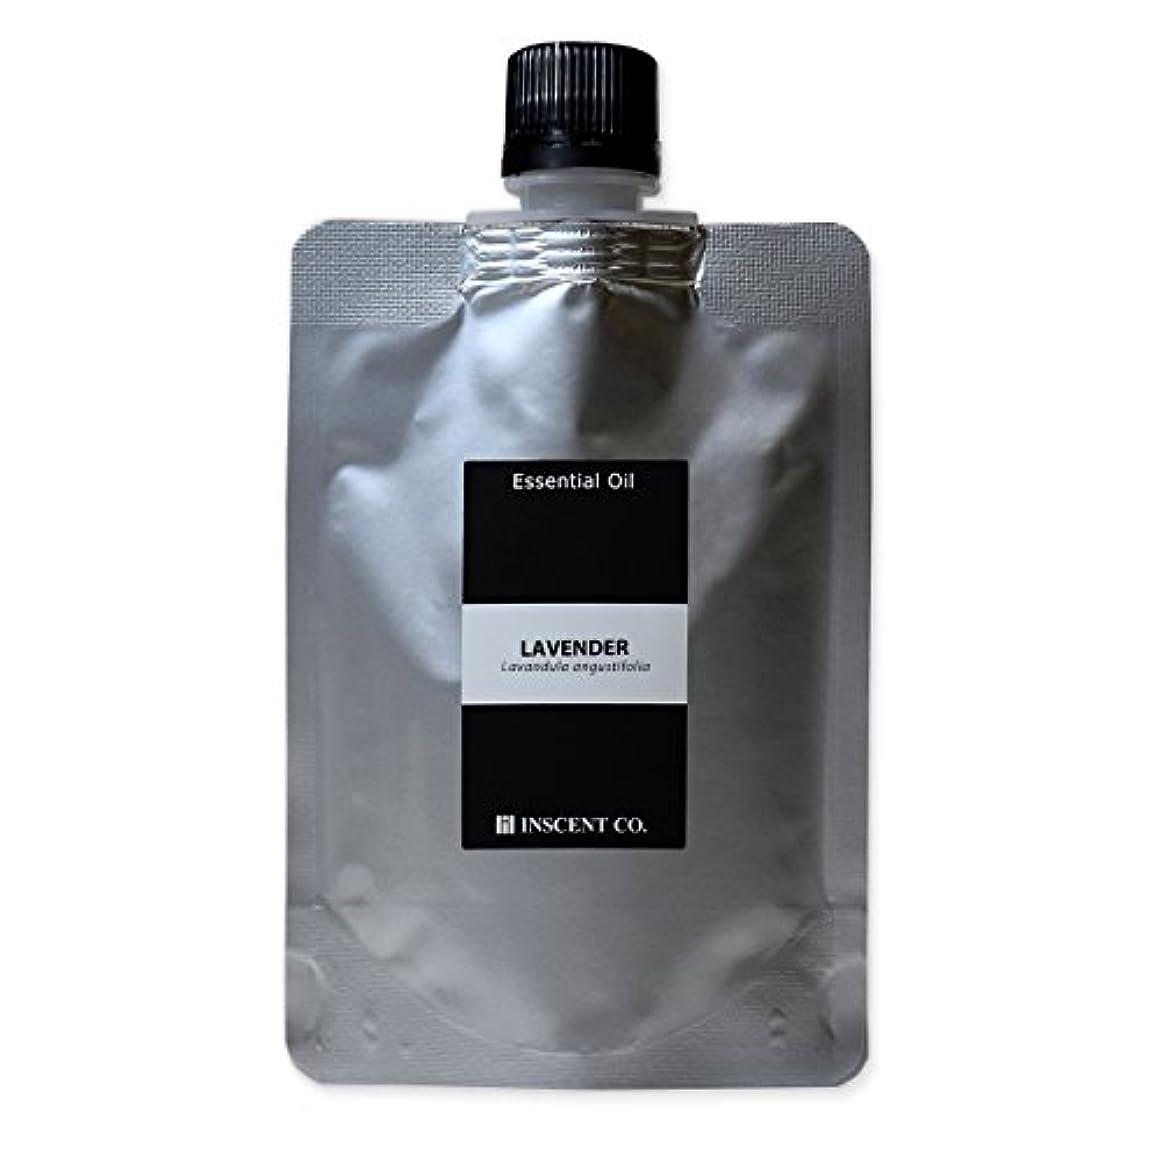 のぞき見コンドーム可能にする(詰替用 アルミパック) 真正ラベンダー 50ml インセント アロマオイル AEAJ 表示基準適合認定精油